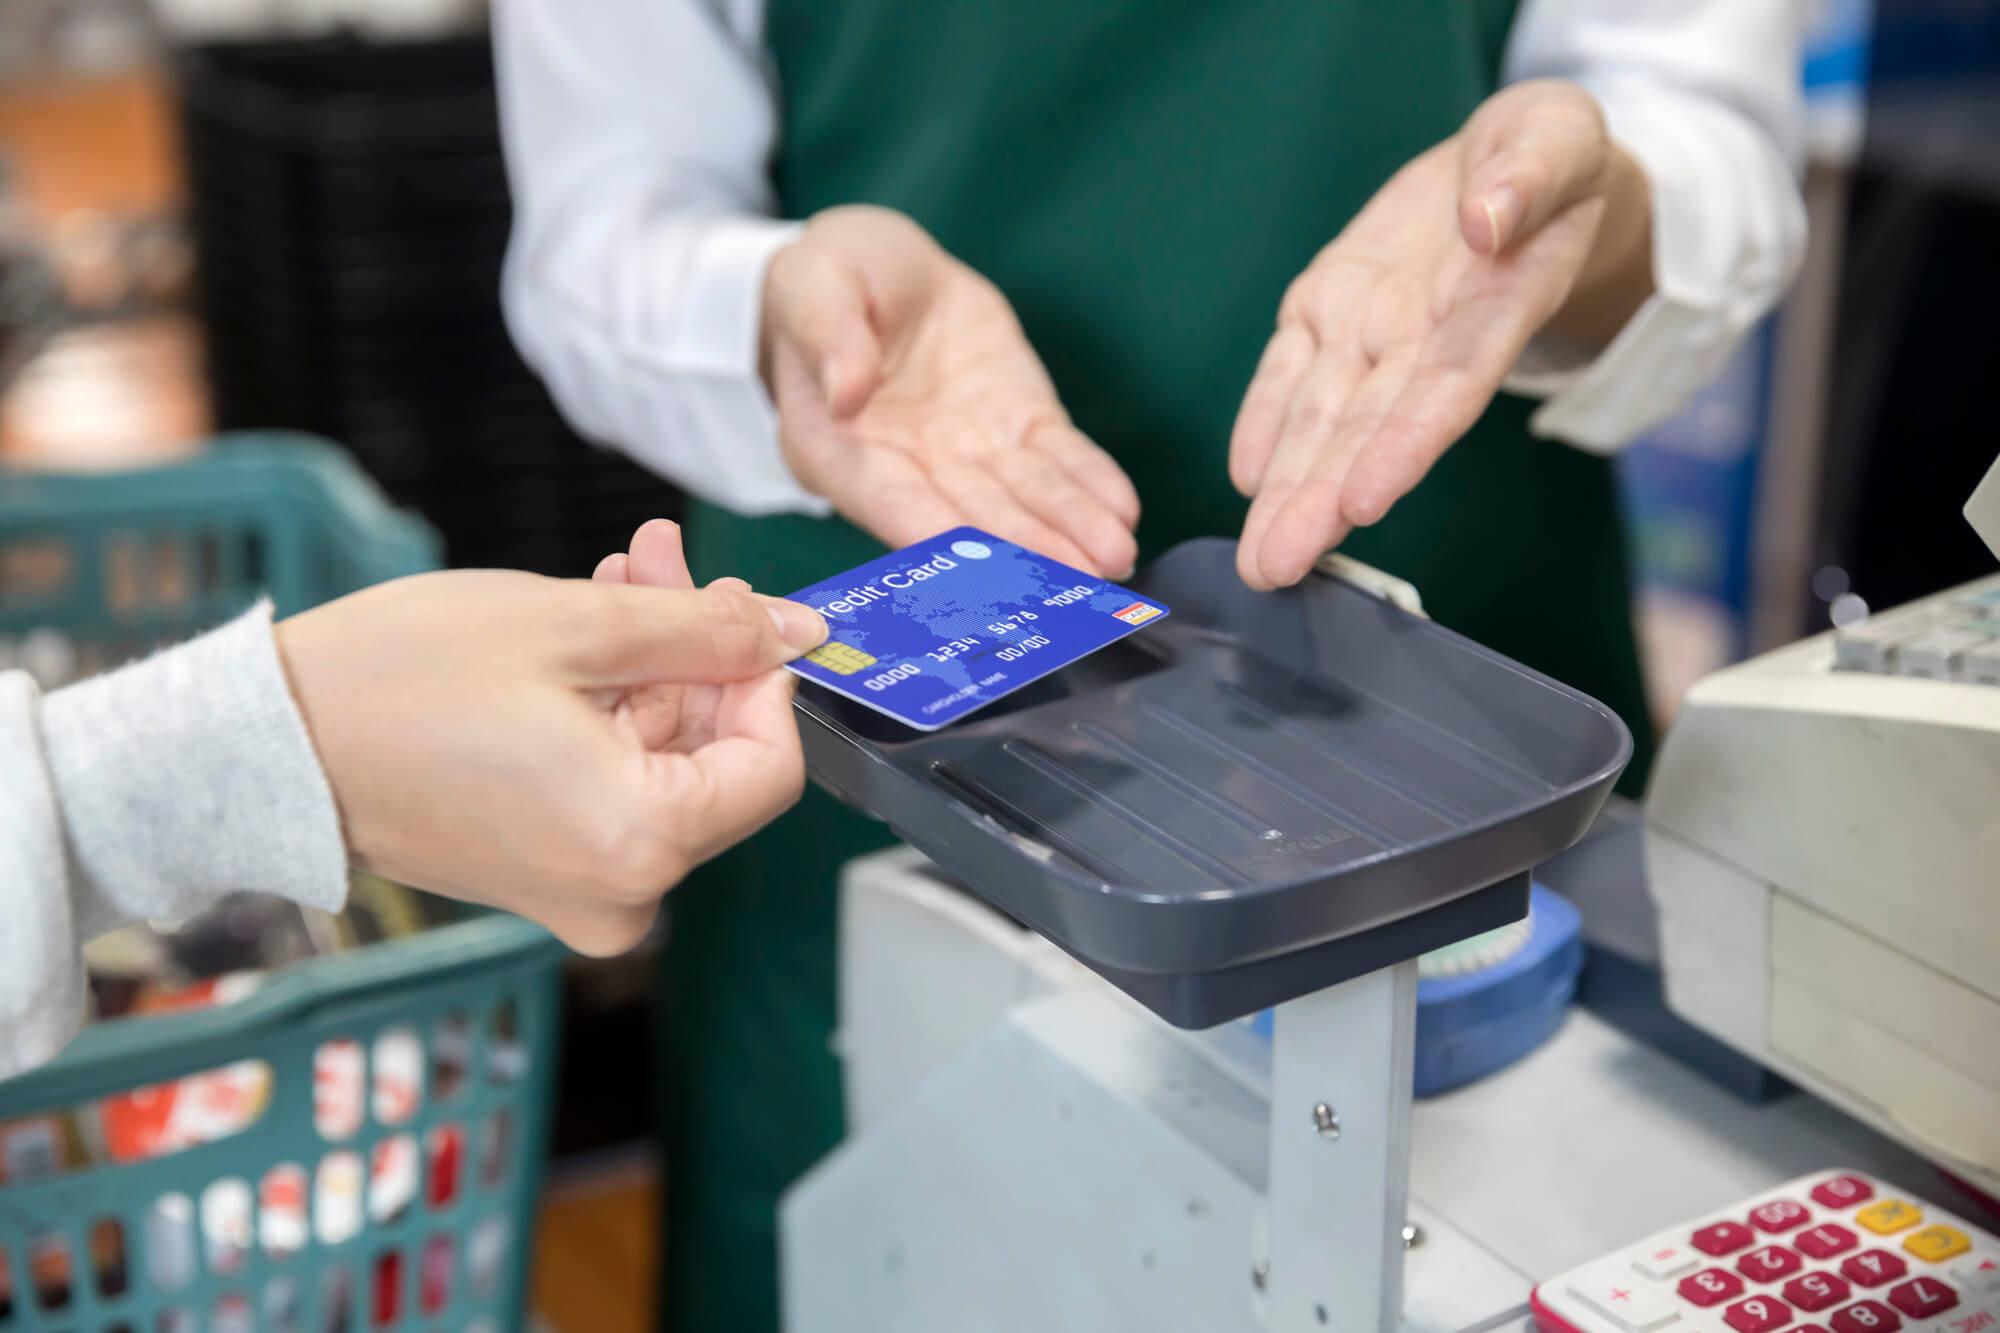 スーパーでクレジット払いをする女性手元